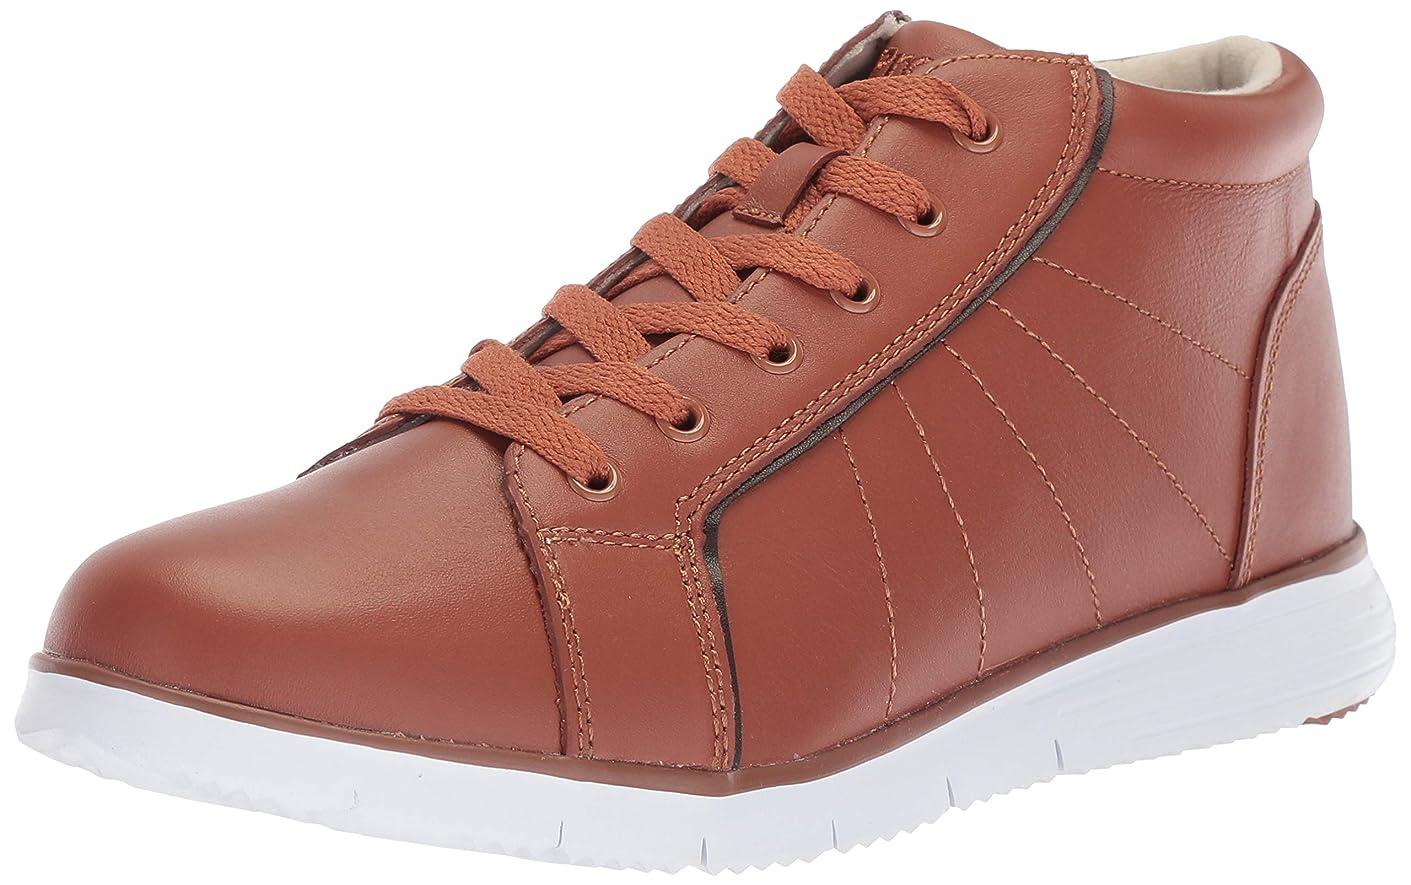 電化する不正スリラー[Propet] Women's Travelfit Bootie Tan Leather Ankle-High Boot - 9W